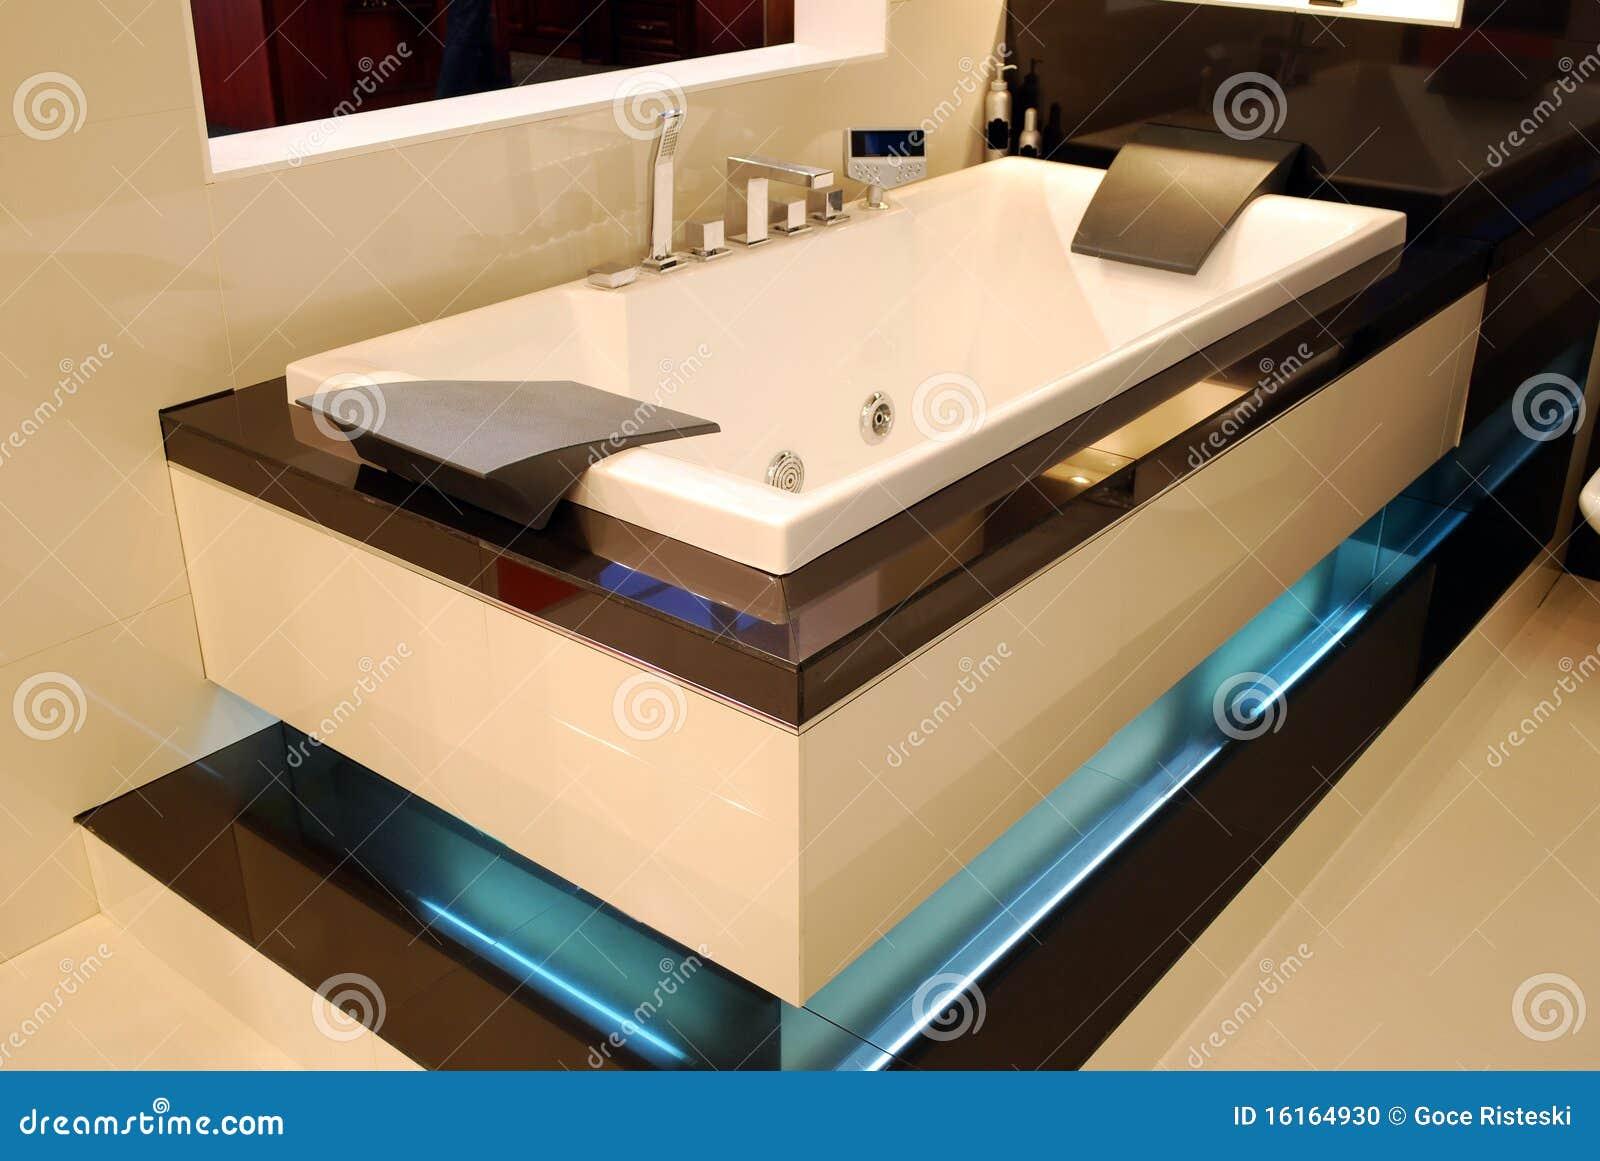 Nieuwe moderne badkamers stock foto afbeelding 16164930 for Moderne badkamers